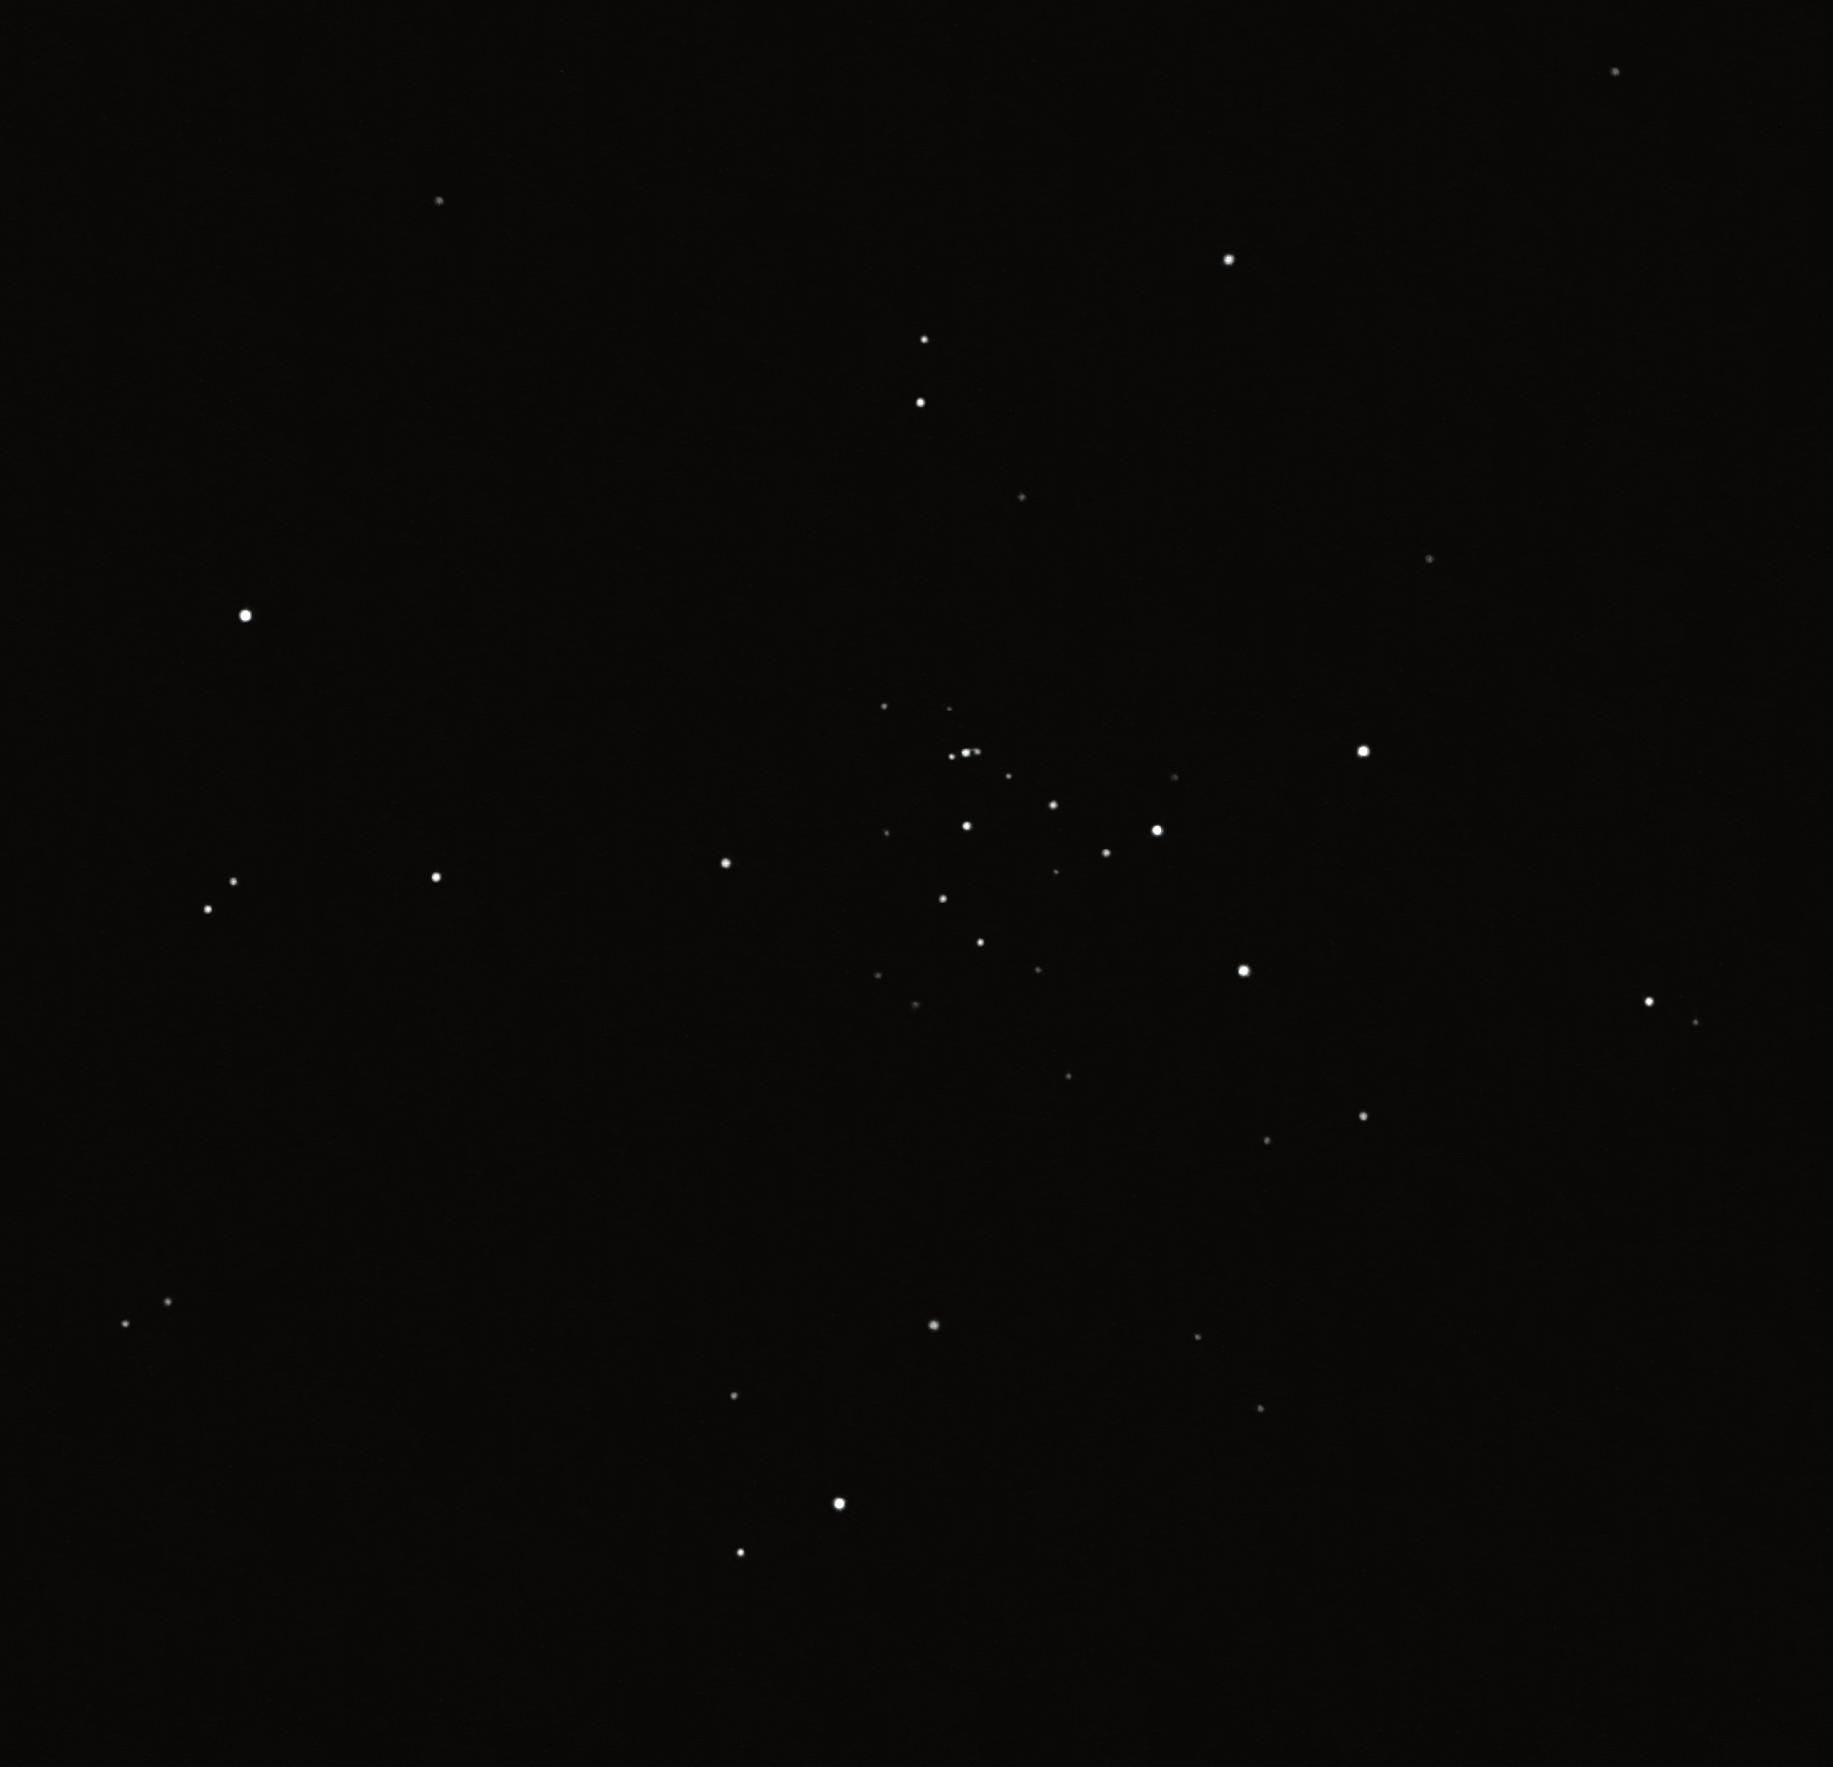 Berkeley 87 open cluster